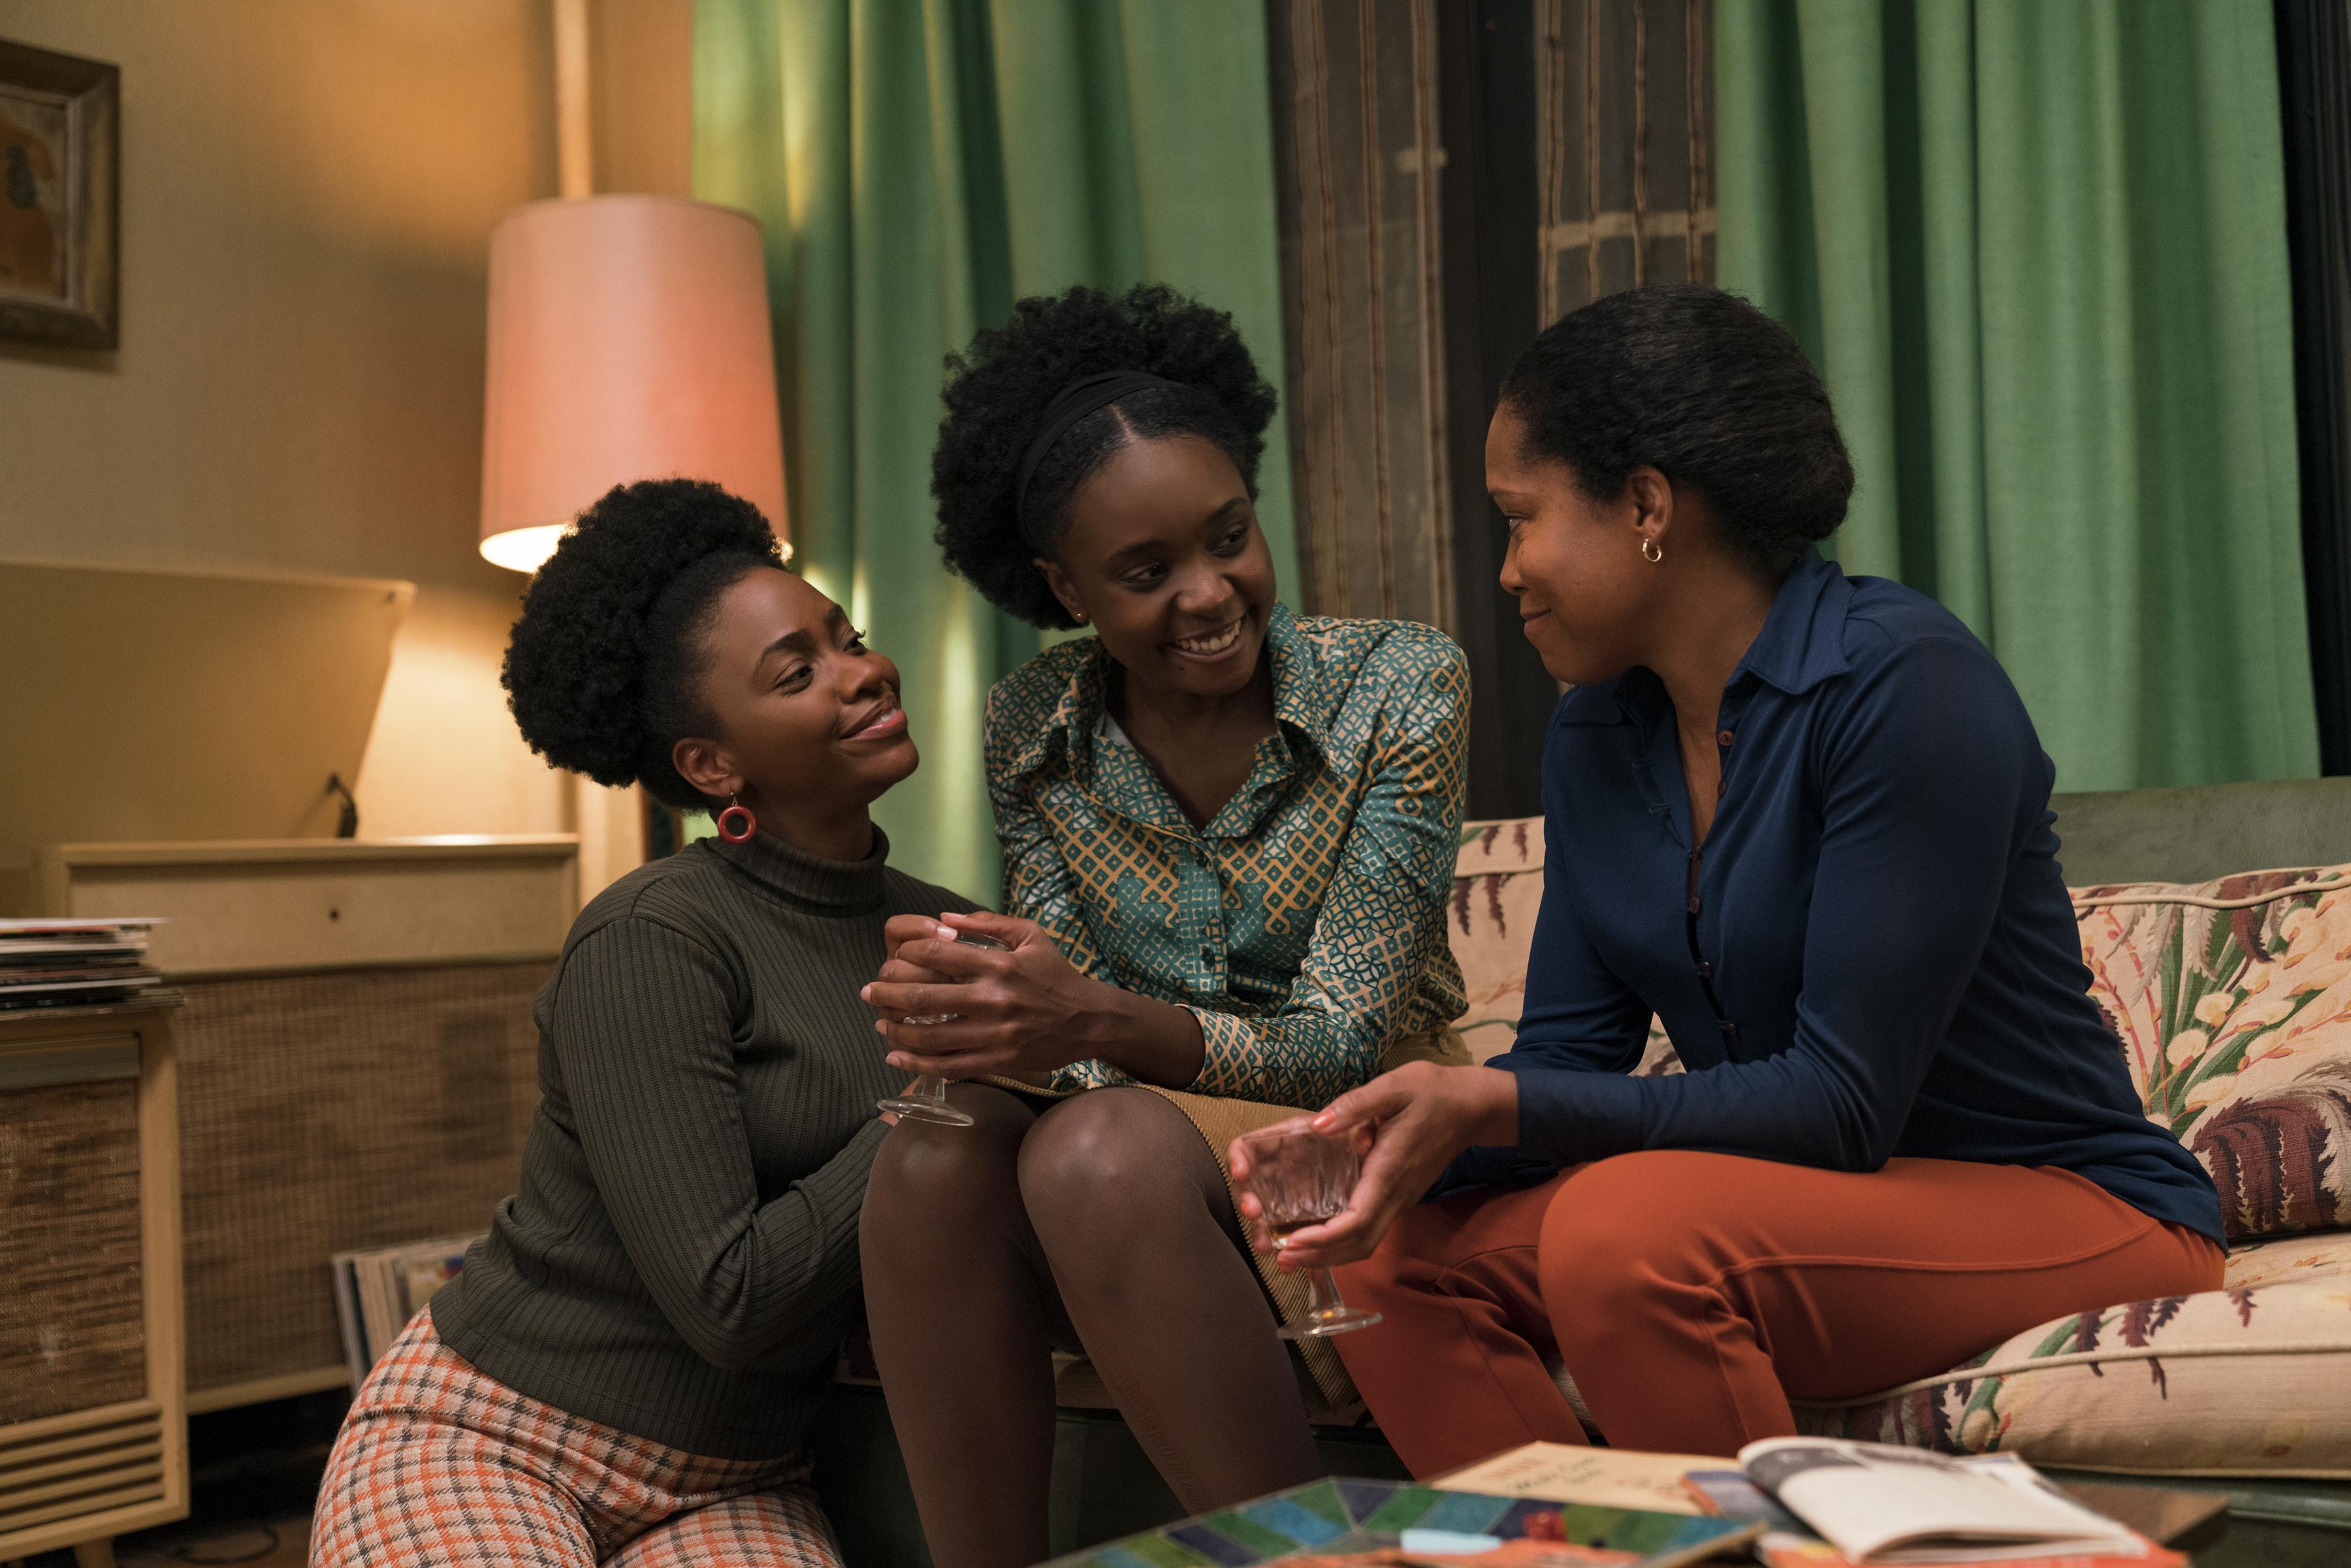 Teyonah Parris as Ernestine, KiKi Layne as Tish, and Regina King as Sharon .